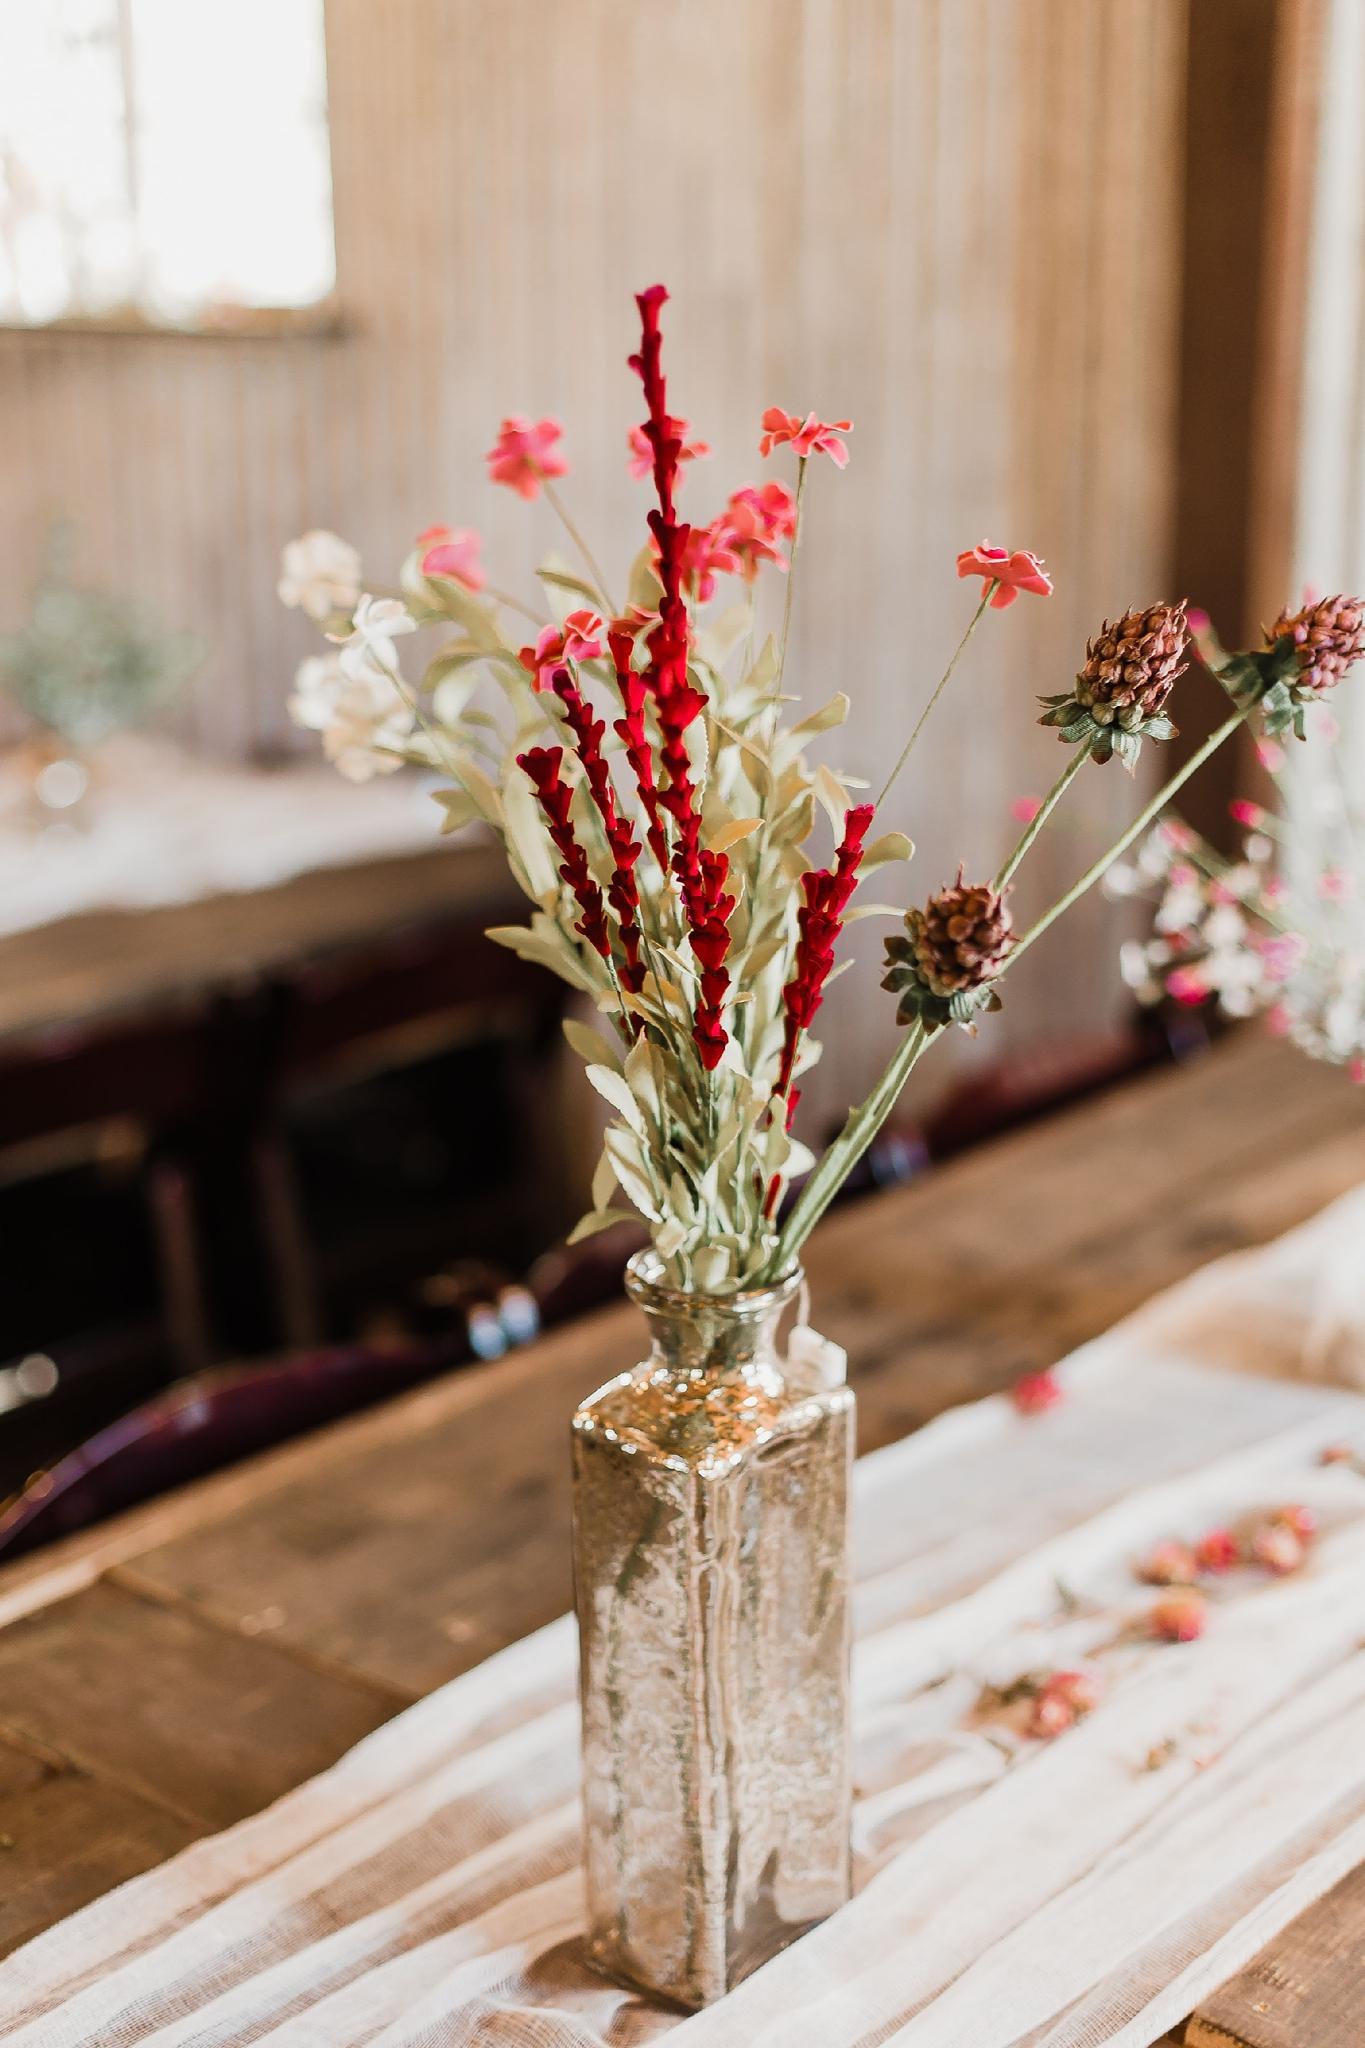 Alicia+lucia+photography+-+albuquerque+wedding+photographer+-+santa+fe+wedding+photography+-+new+mexico+wedding+photographer+-+new+mexico+wedding+-+summer+wedding+-+summer+wedding+florals+-+southwest+wedding_0014.jpg